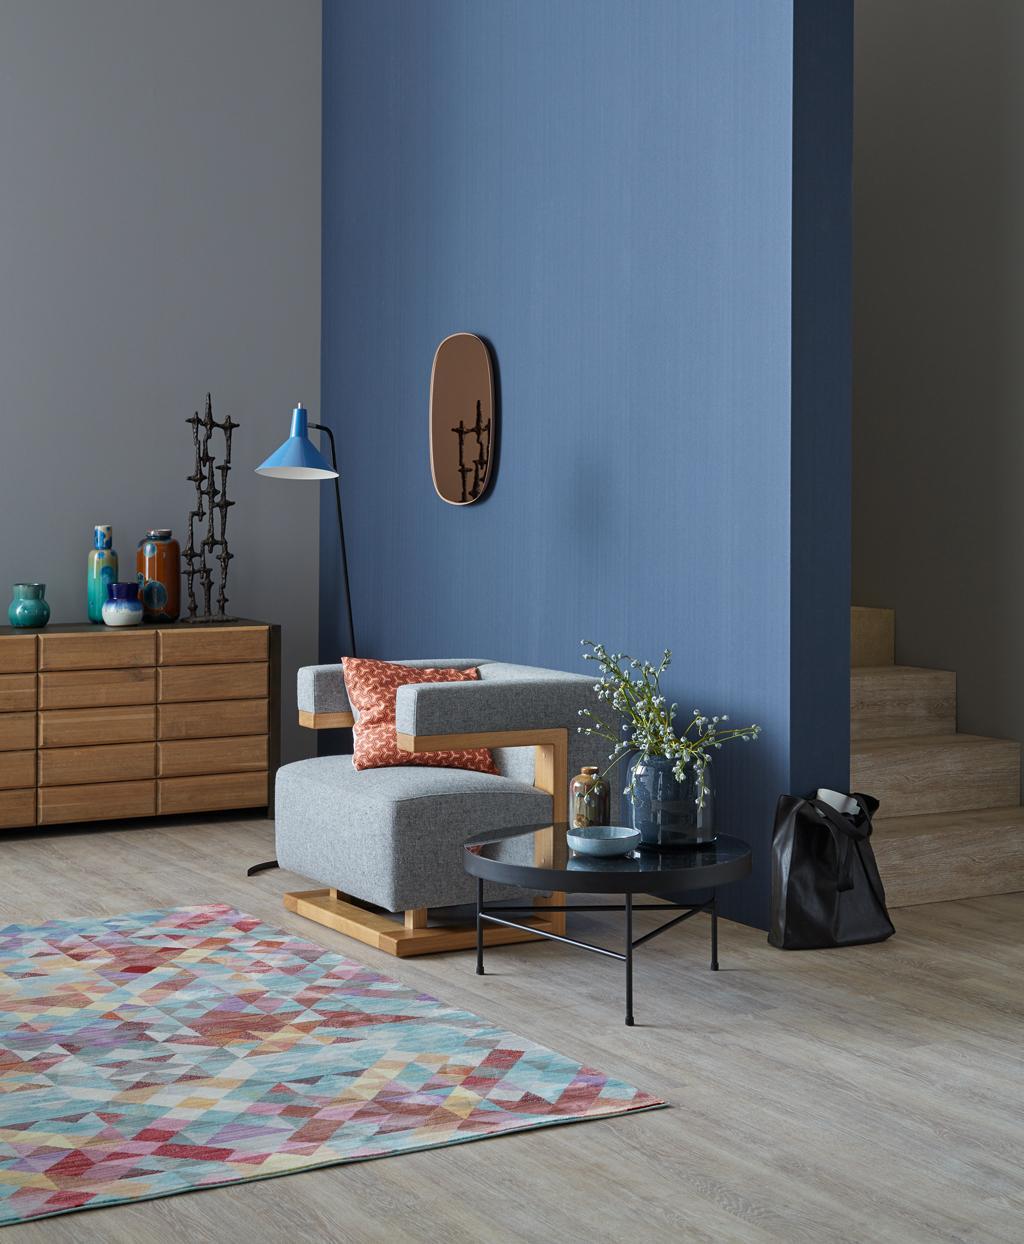 vliestapete • bilder & ideen • couchstyle, Wohnzimmer